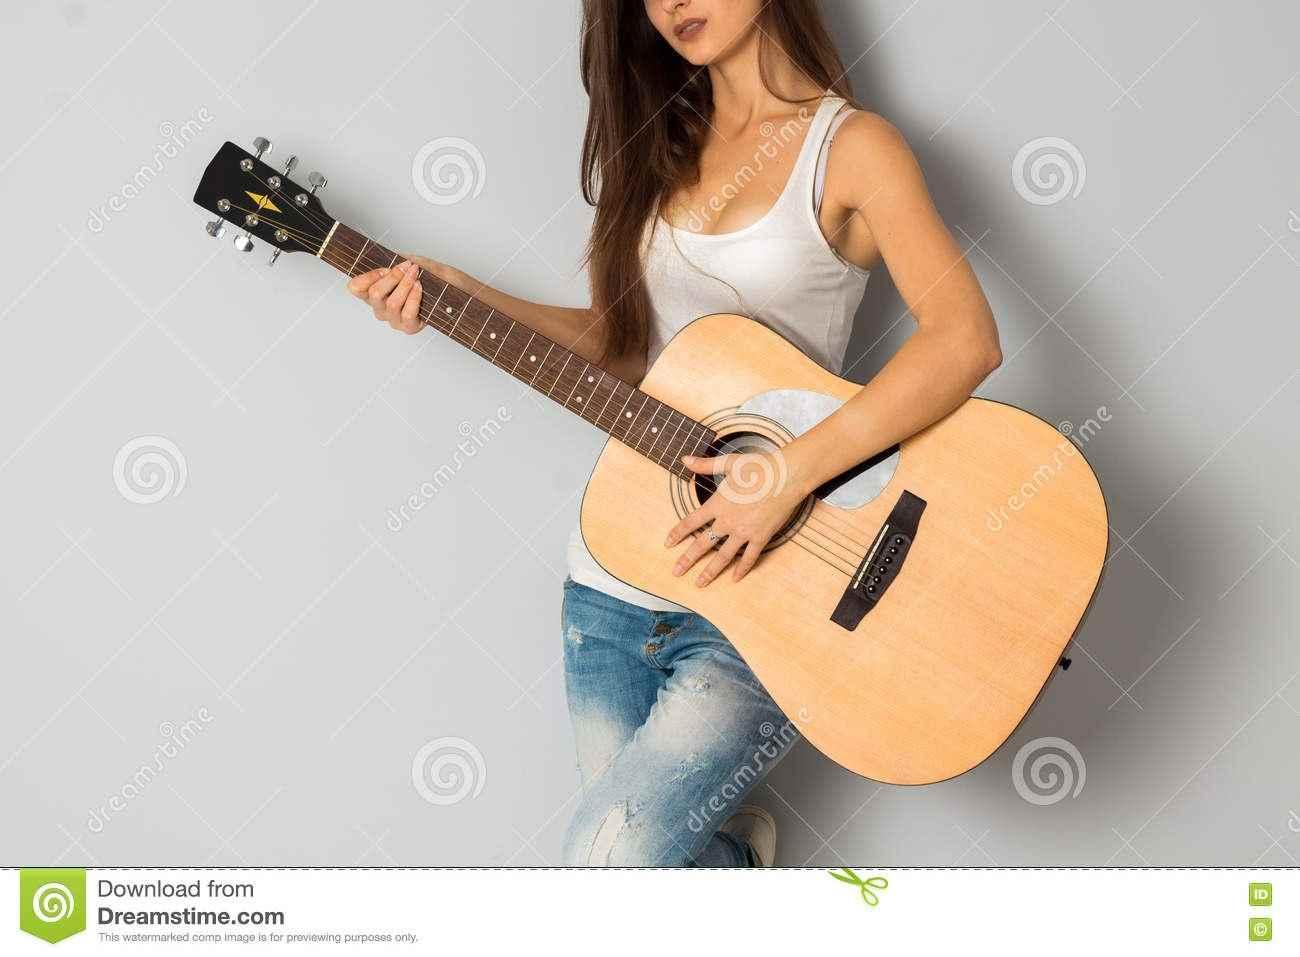 Красивая девушка с гитарой фото, картинки 18